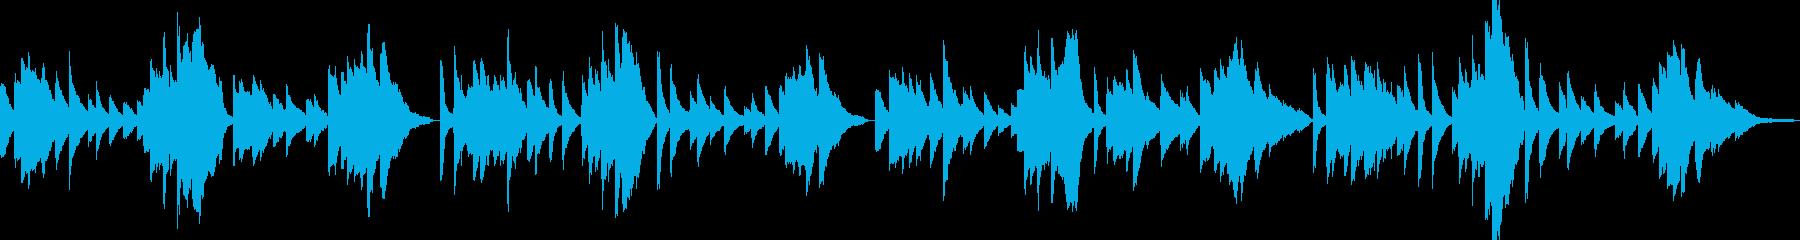 「蛍の光」ピアノアレンジ リバーブ足しの再生済みの波形